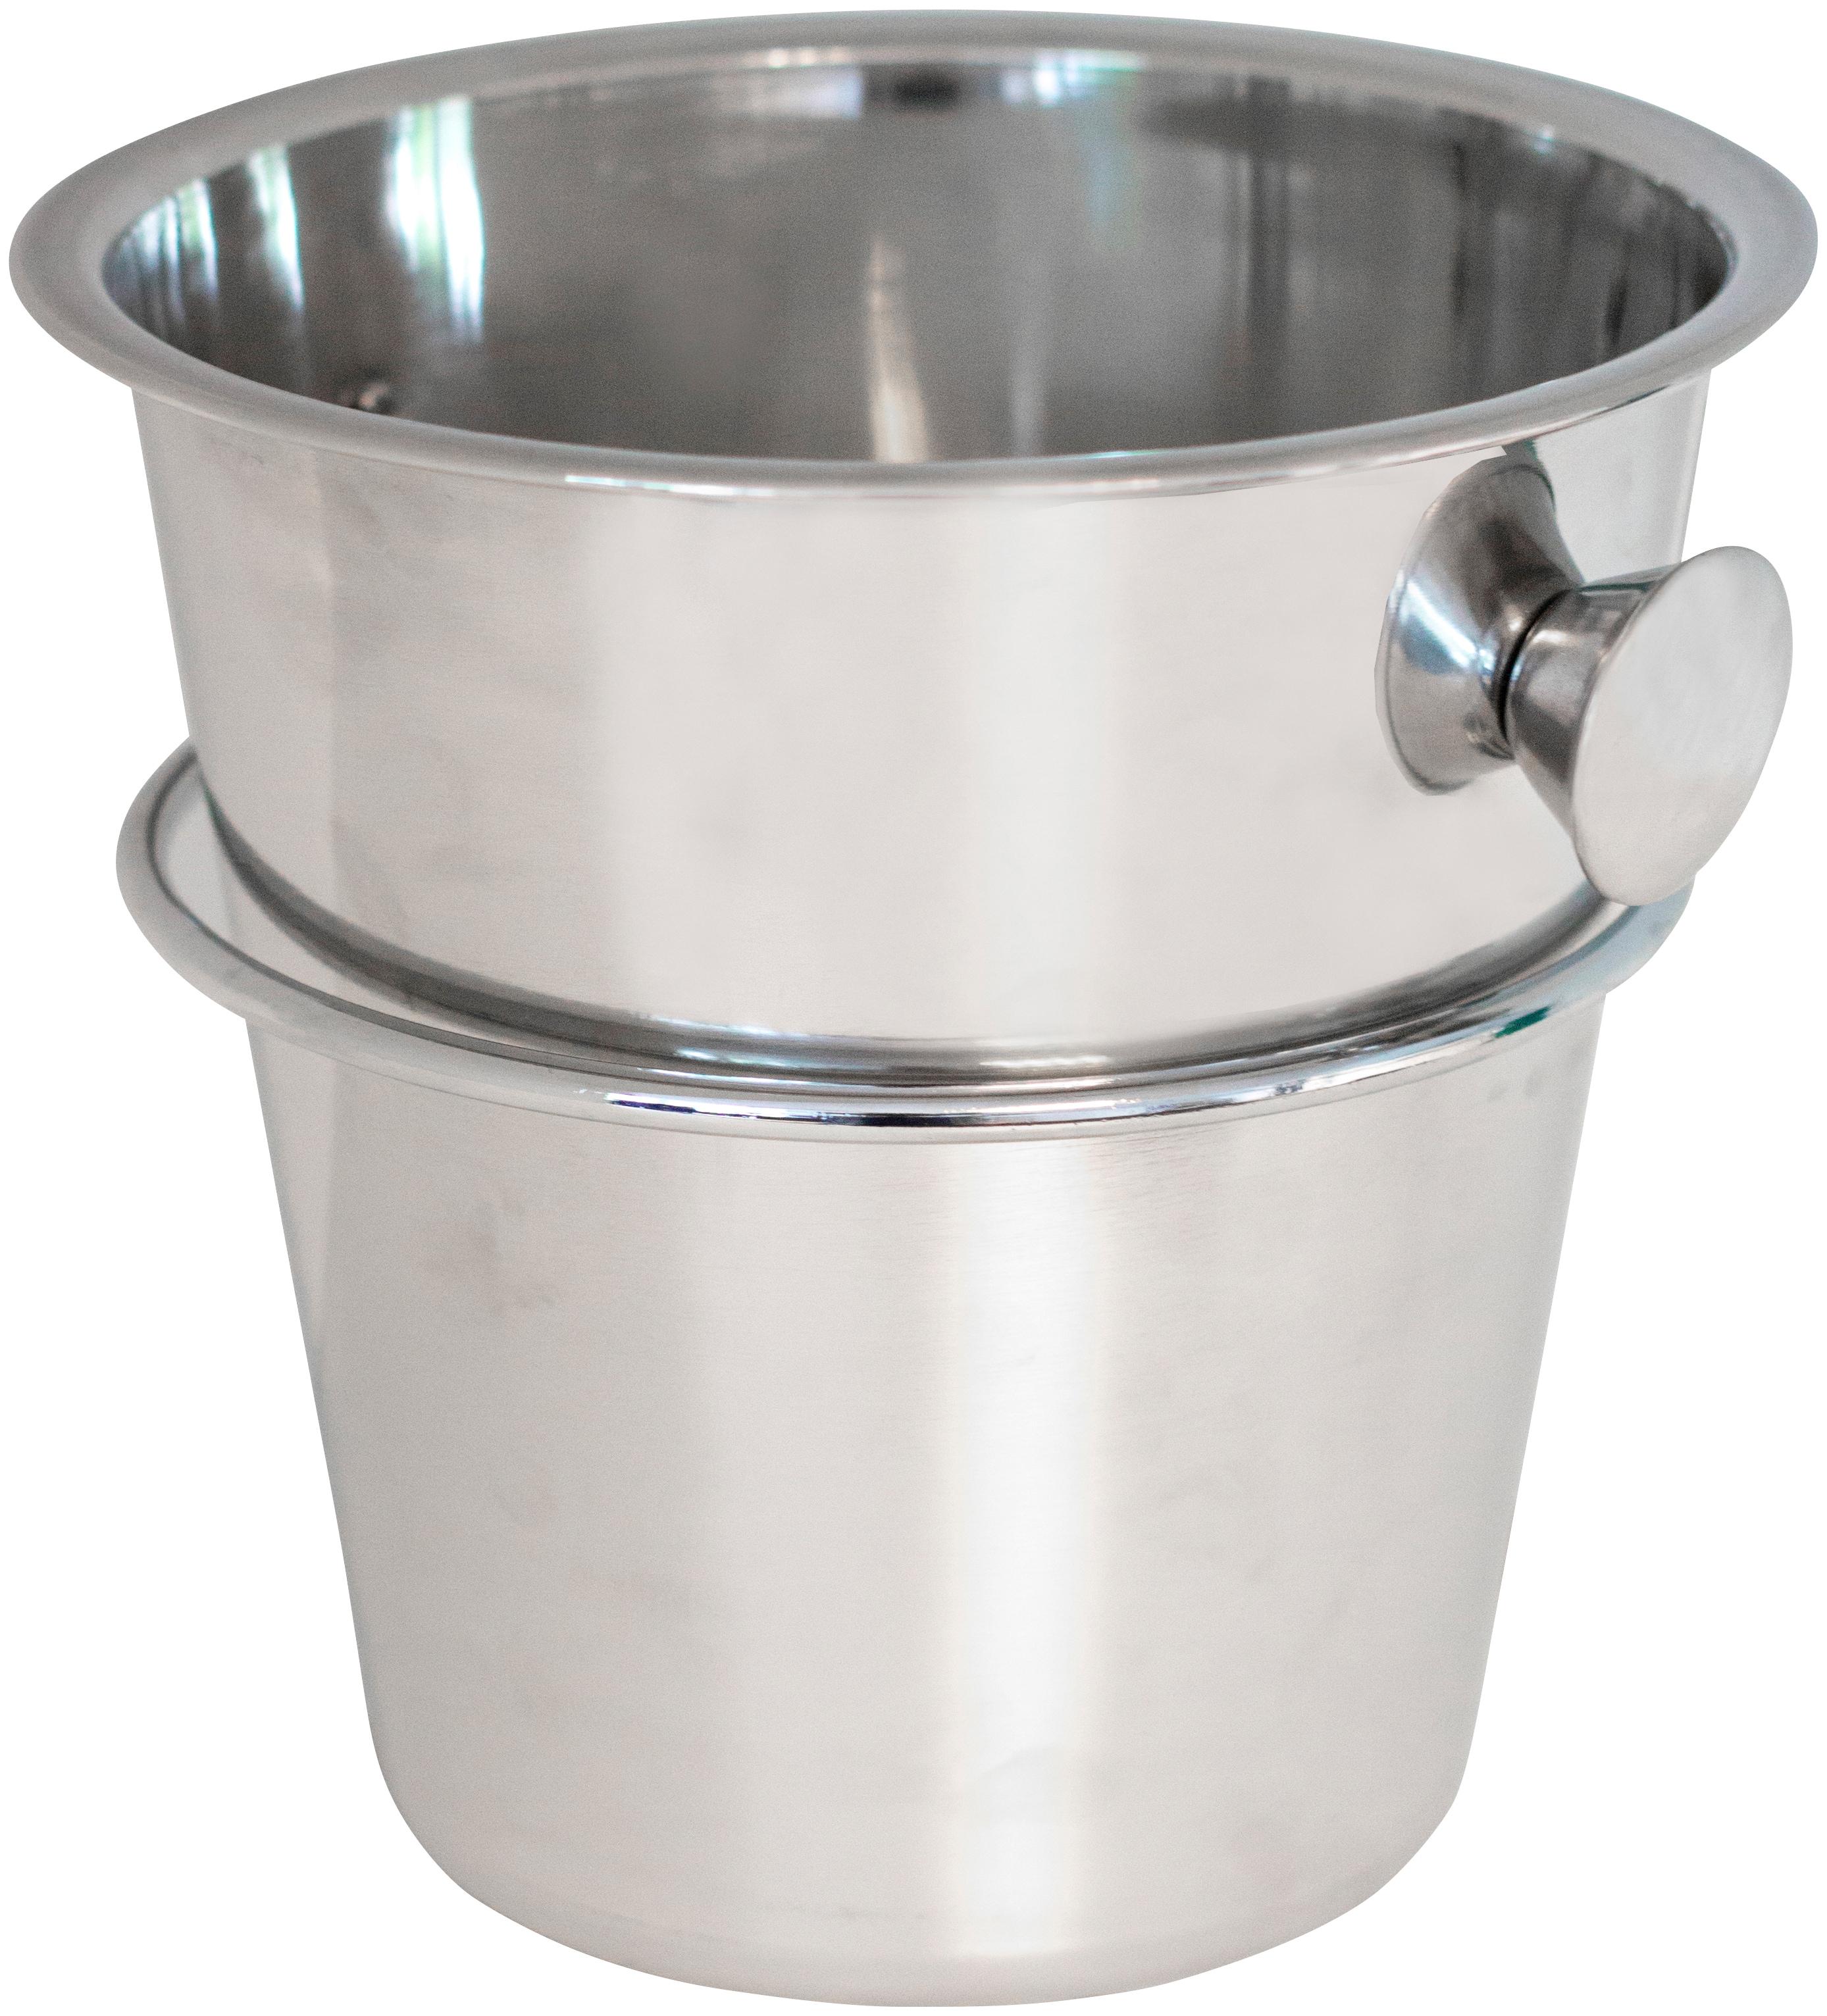 deVries Sektkühler, ØxH: 23x29 cm, inkl. Halterung für Strandkörbe silberfarben Sektkühler Baraccessoires Weinaccessoires Küchenhelfer Haushaltswaren